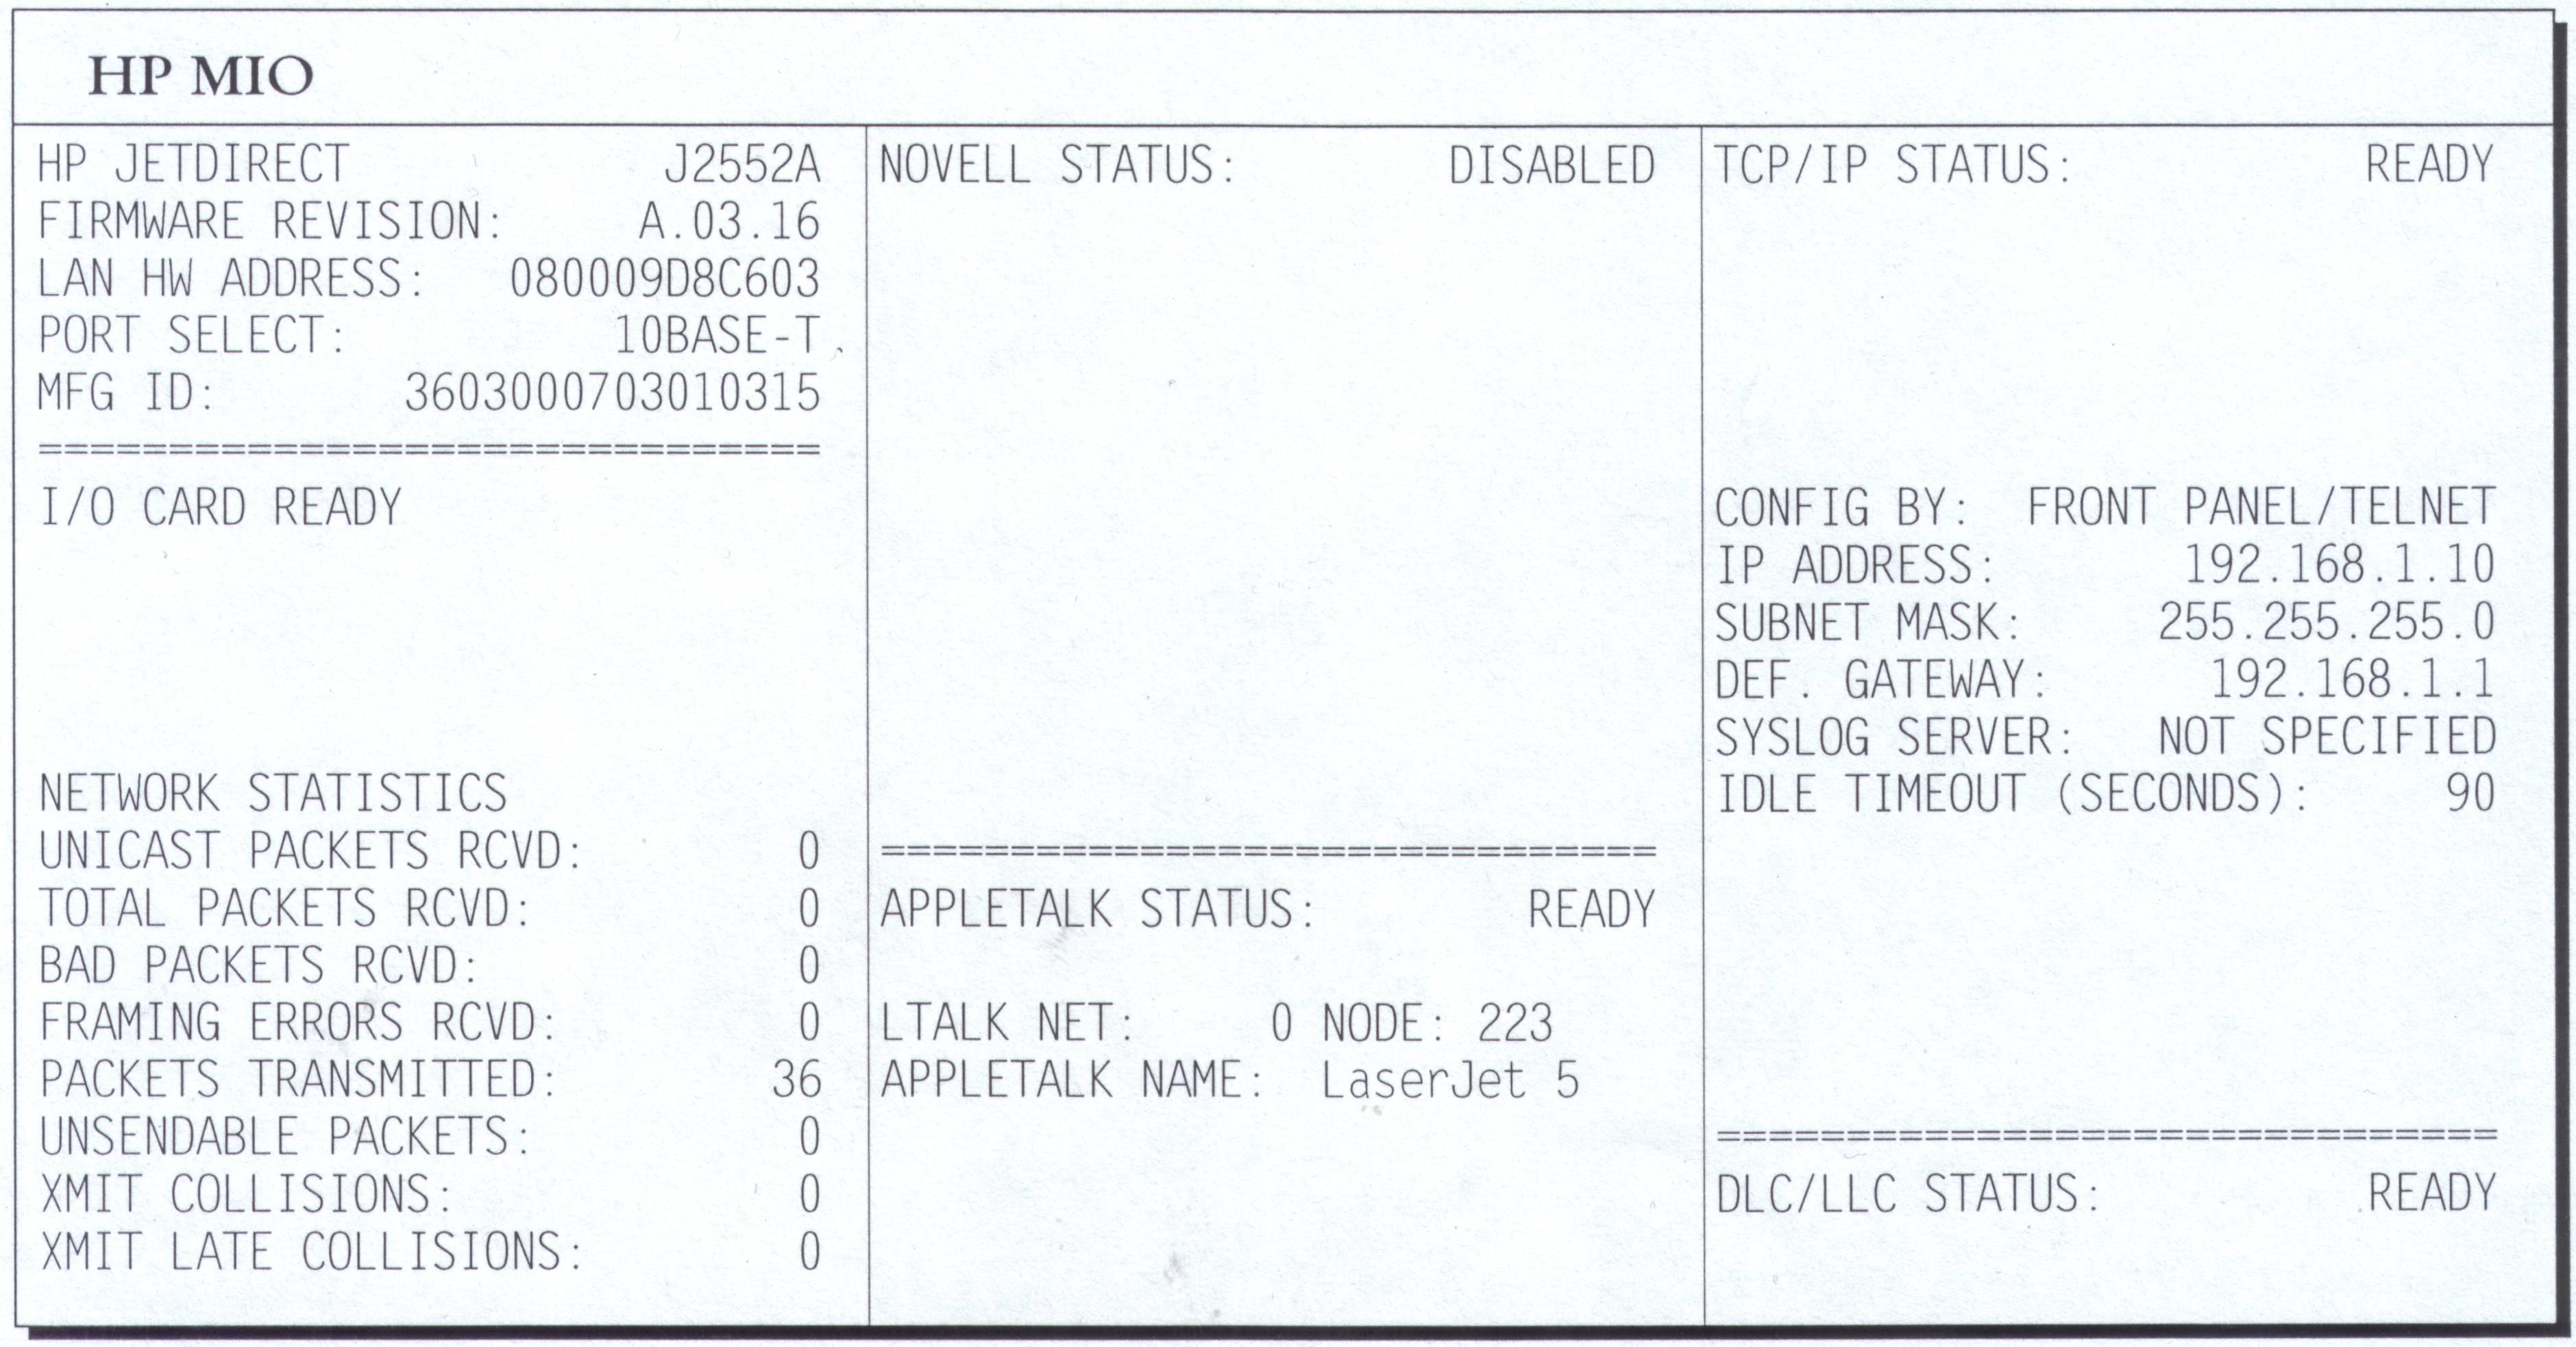 HP LaserJet 5N - PING nie przechodzi